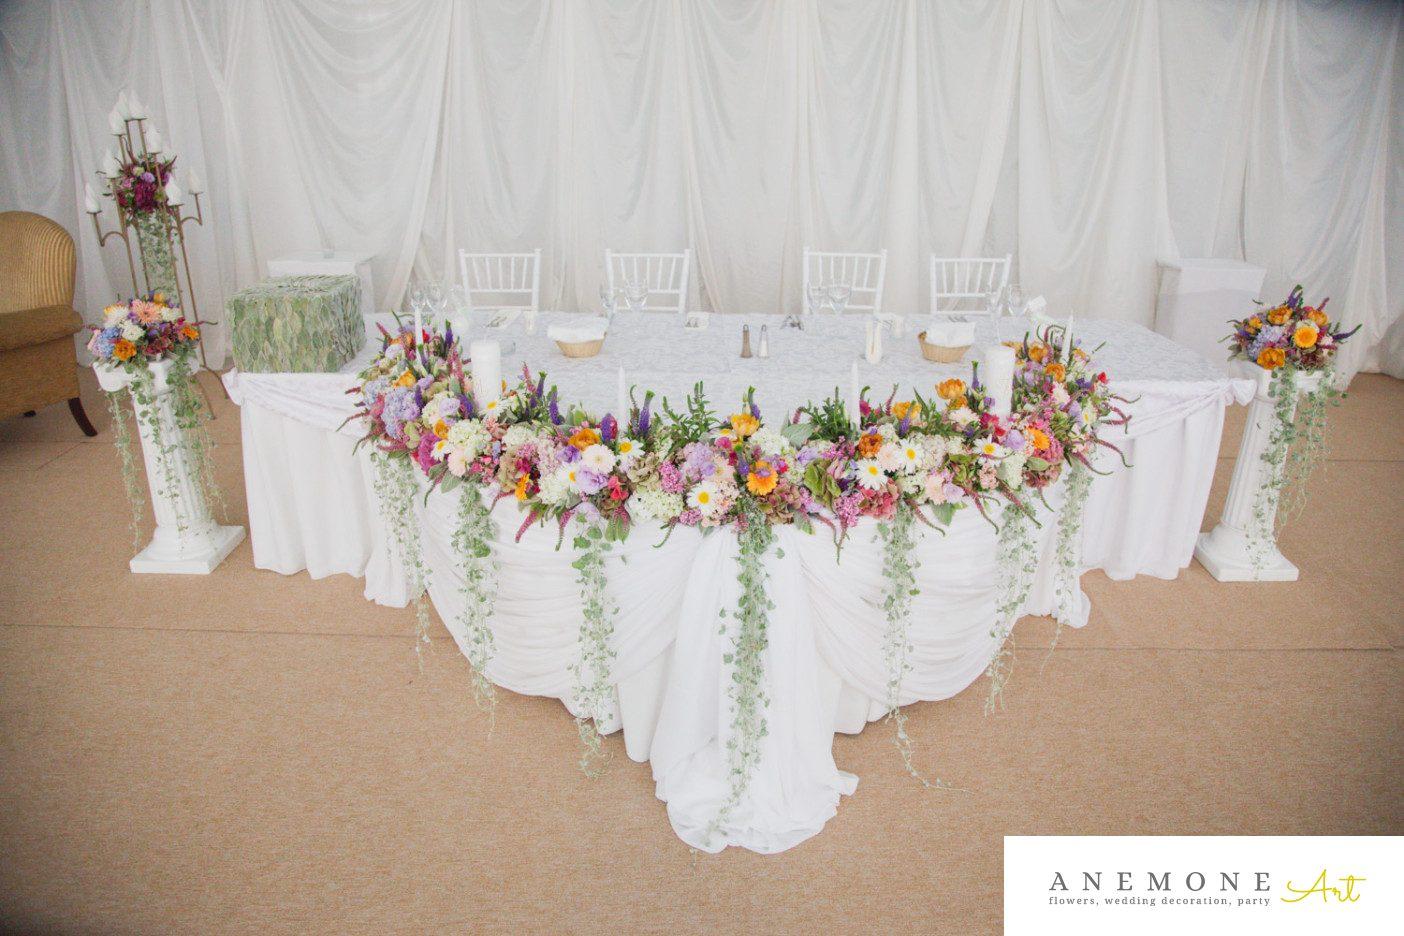 Poza, foto cu Flori de nunta multicolor, prezidiu, stalp ceramica in Arad, Timisoara, Oradea (wedding flowers, bouquets) nunta Arad, Timisoara, Oradea